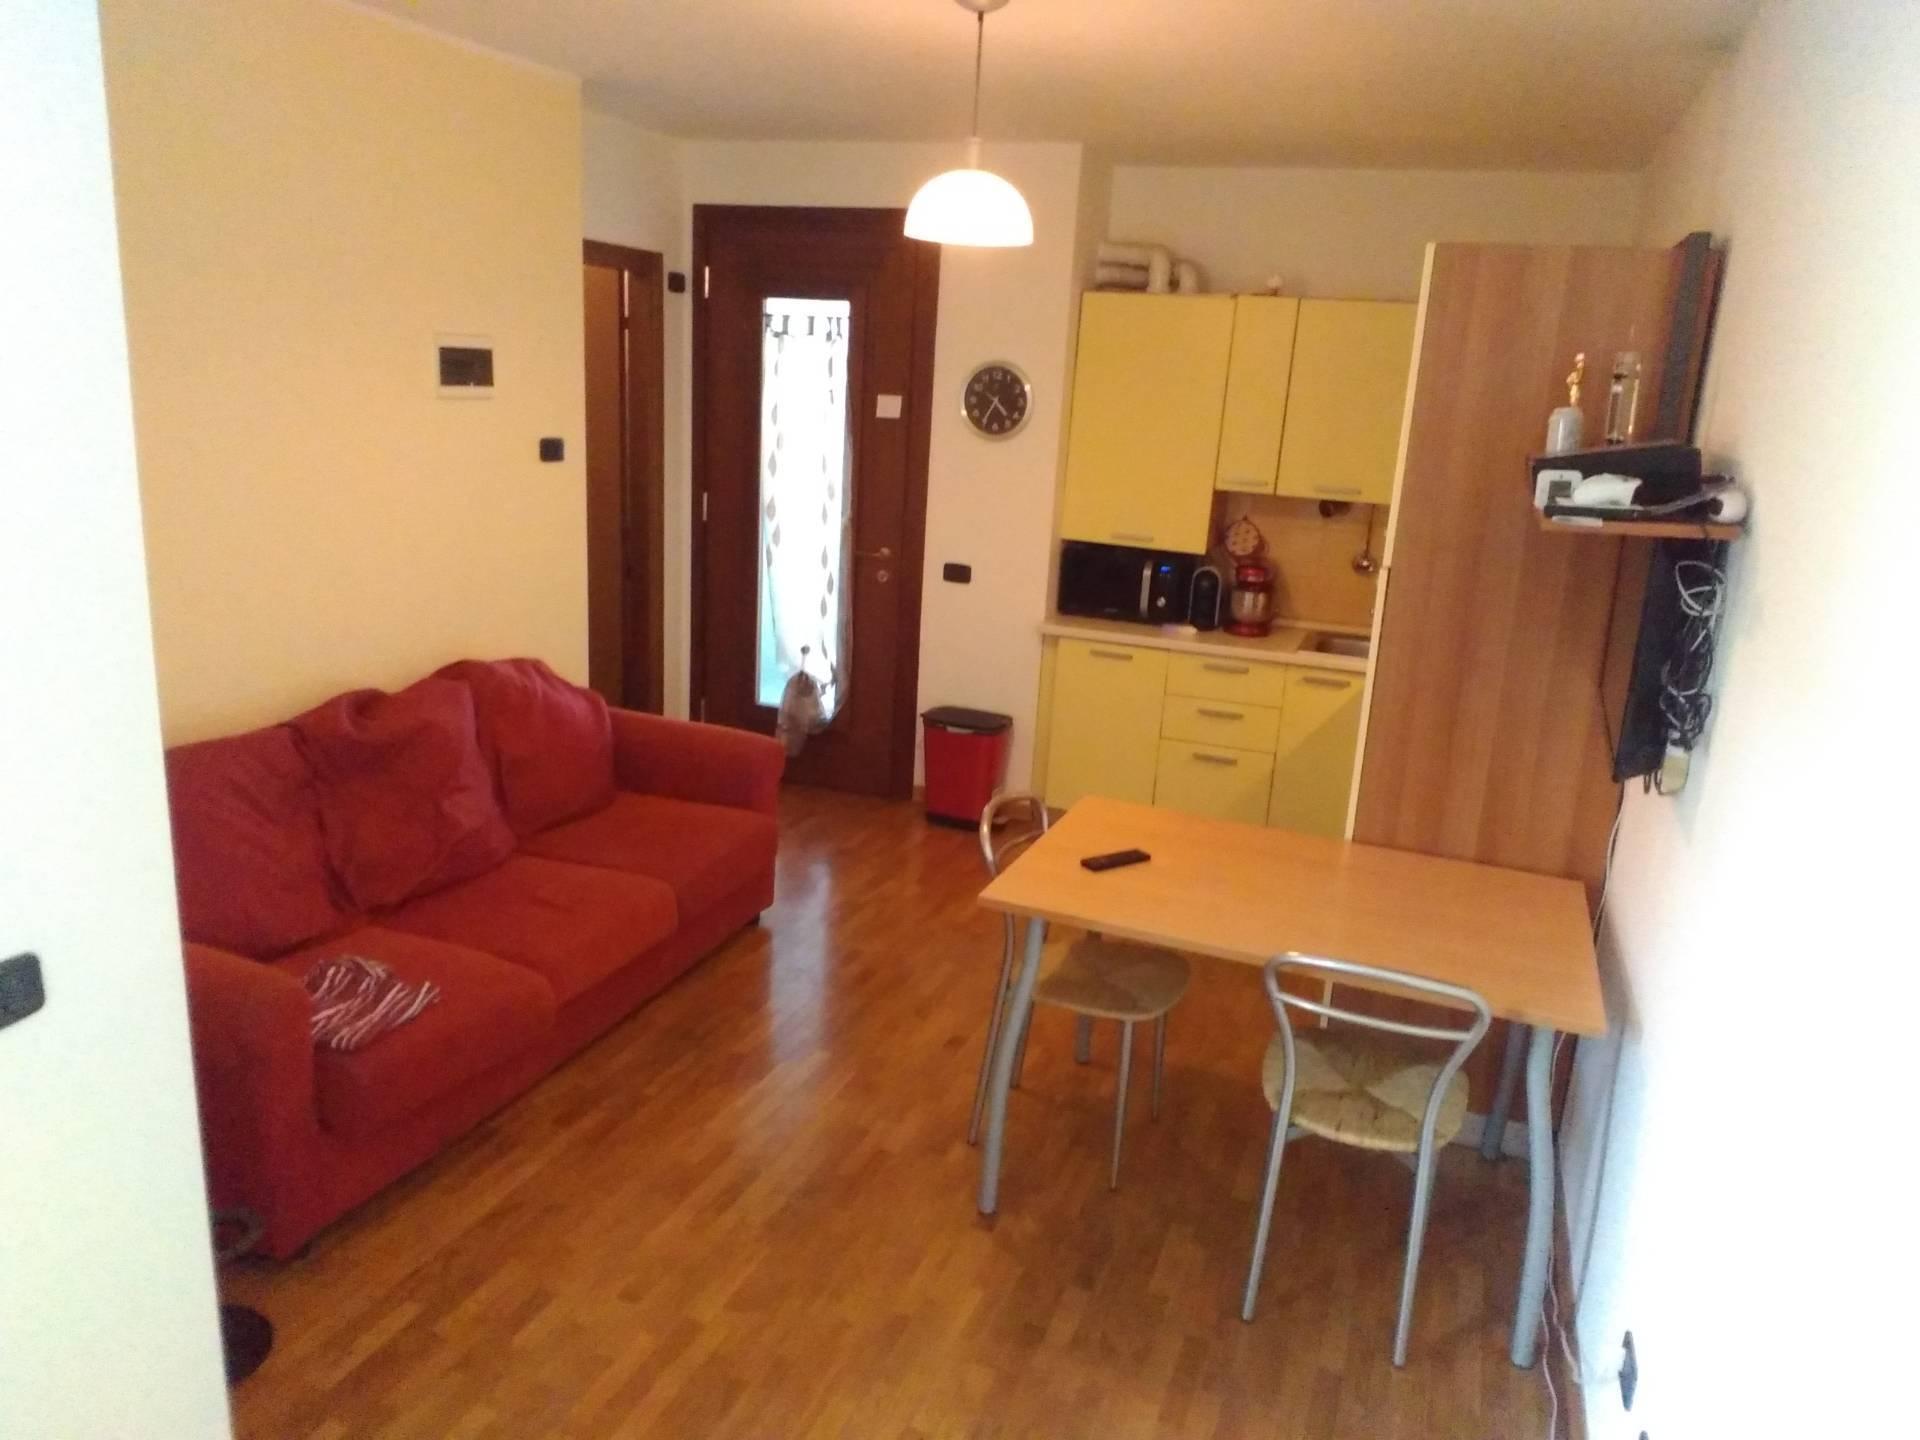 Appartamento in affitto a Udine, 2 locali, zona Località: VIABUTTRIO, prezzo € 350 | CambioCasa.it